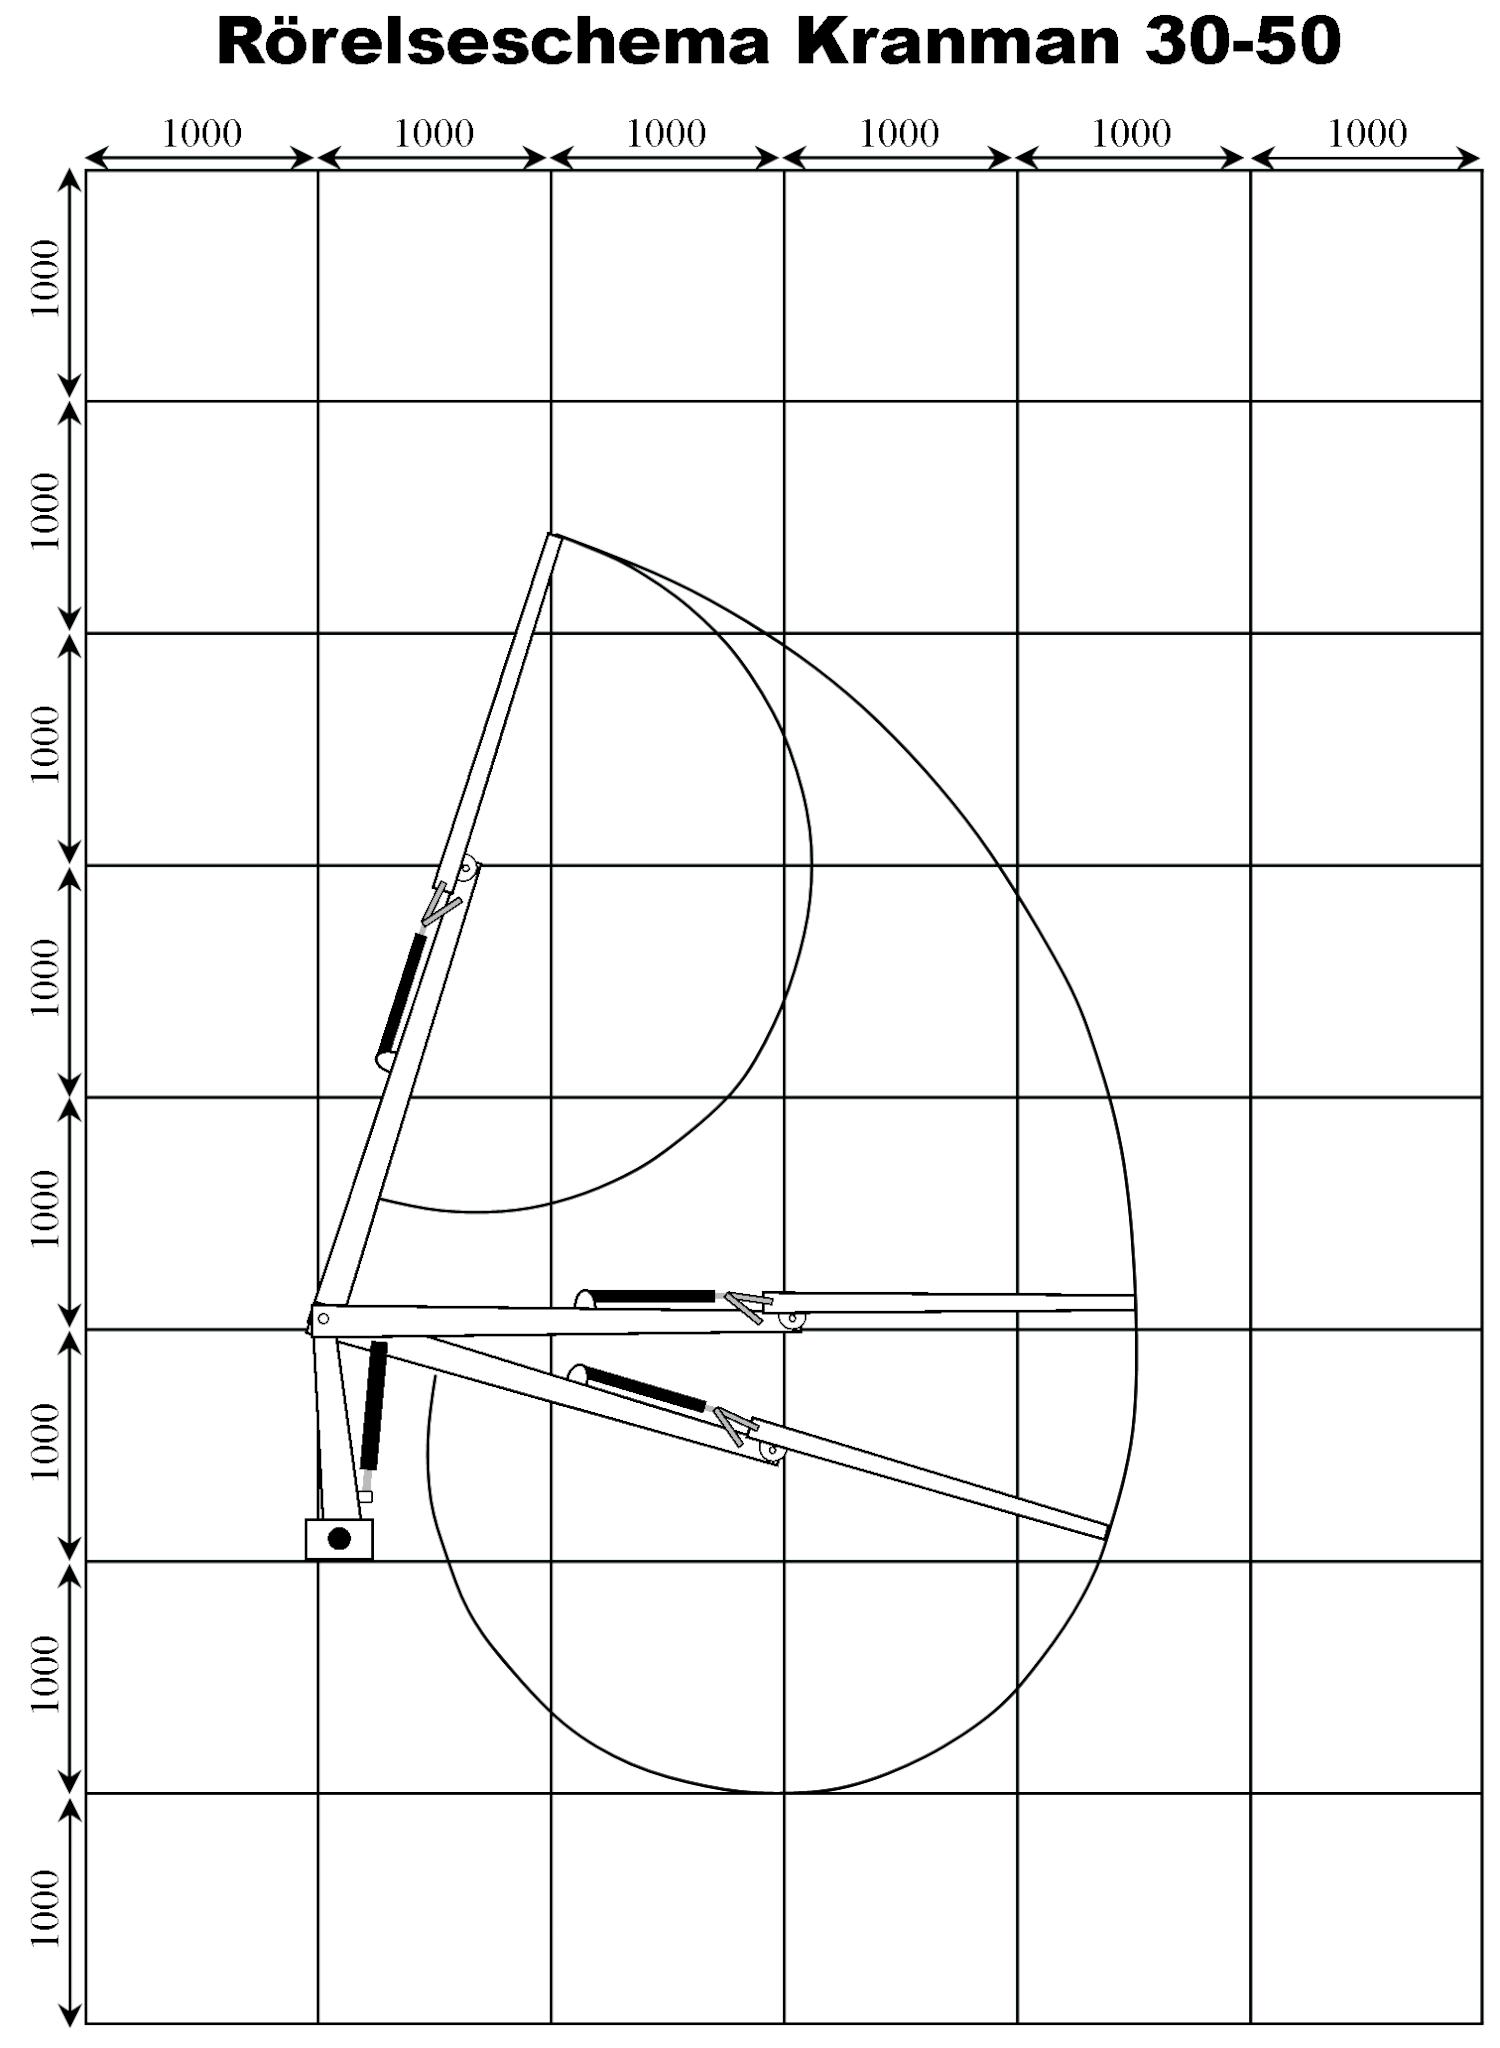 Kran 30-50